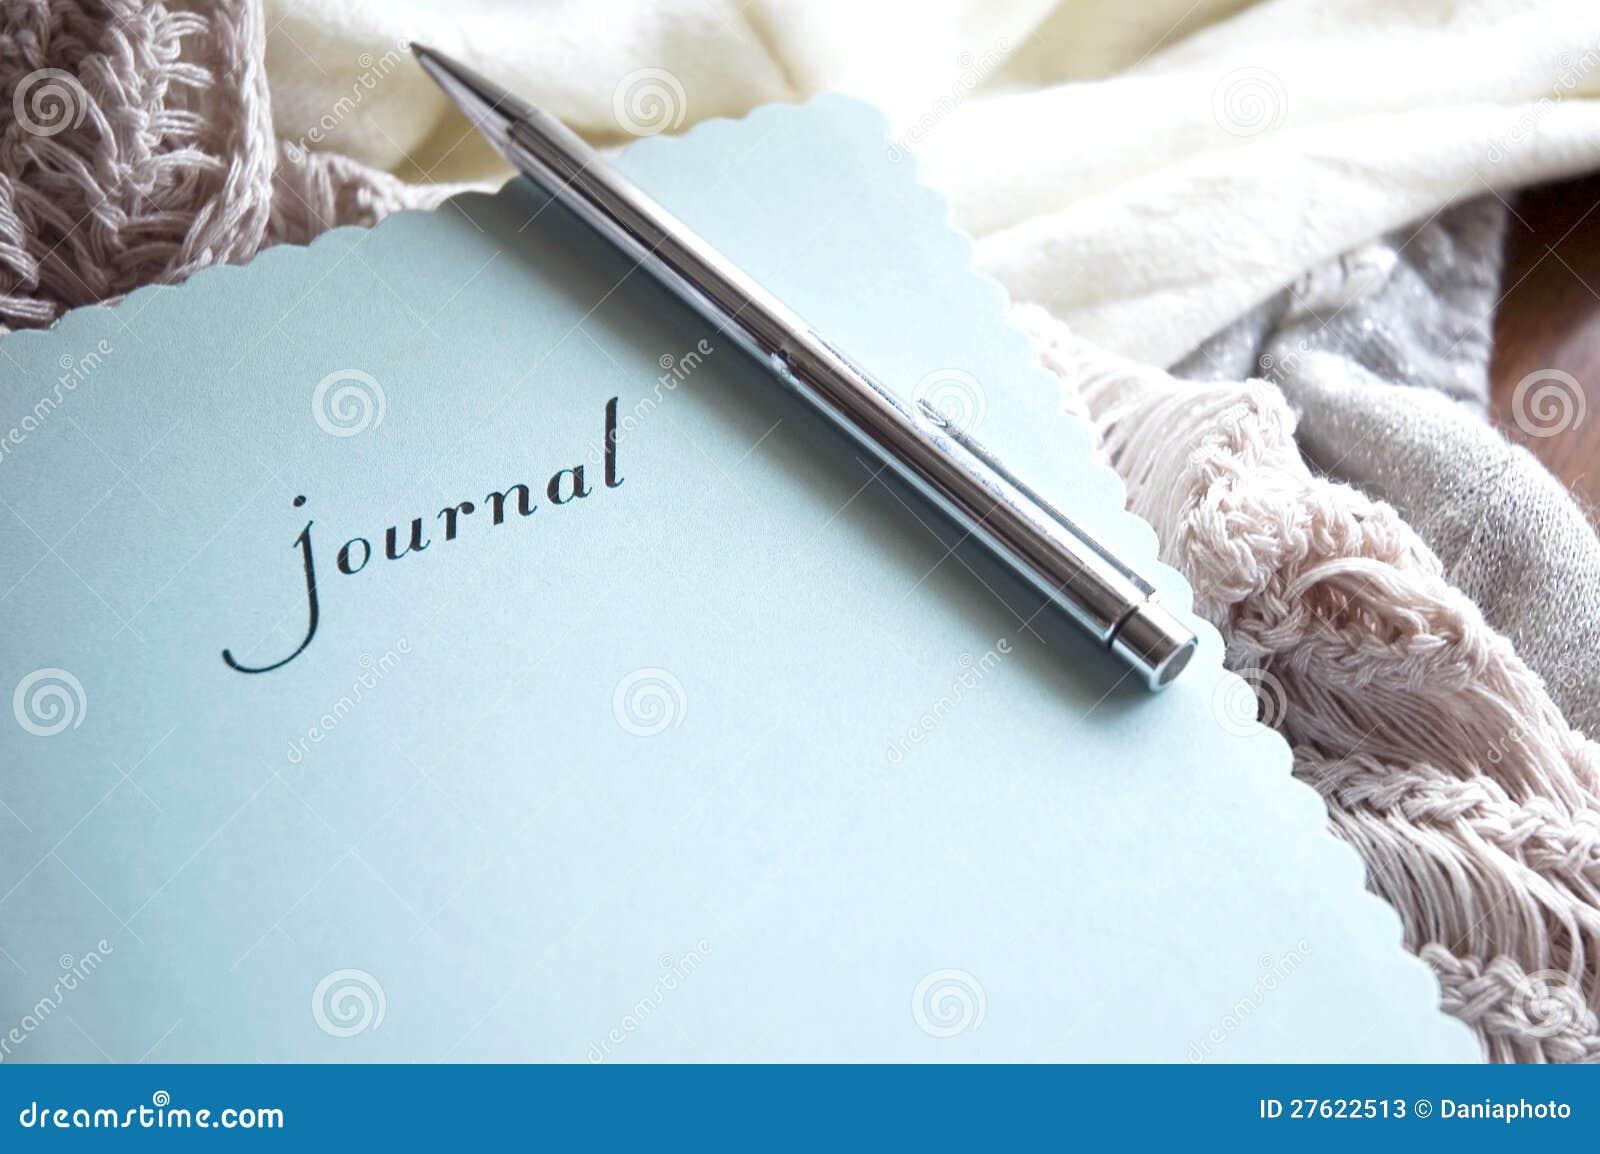 Journal in winter